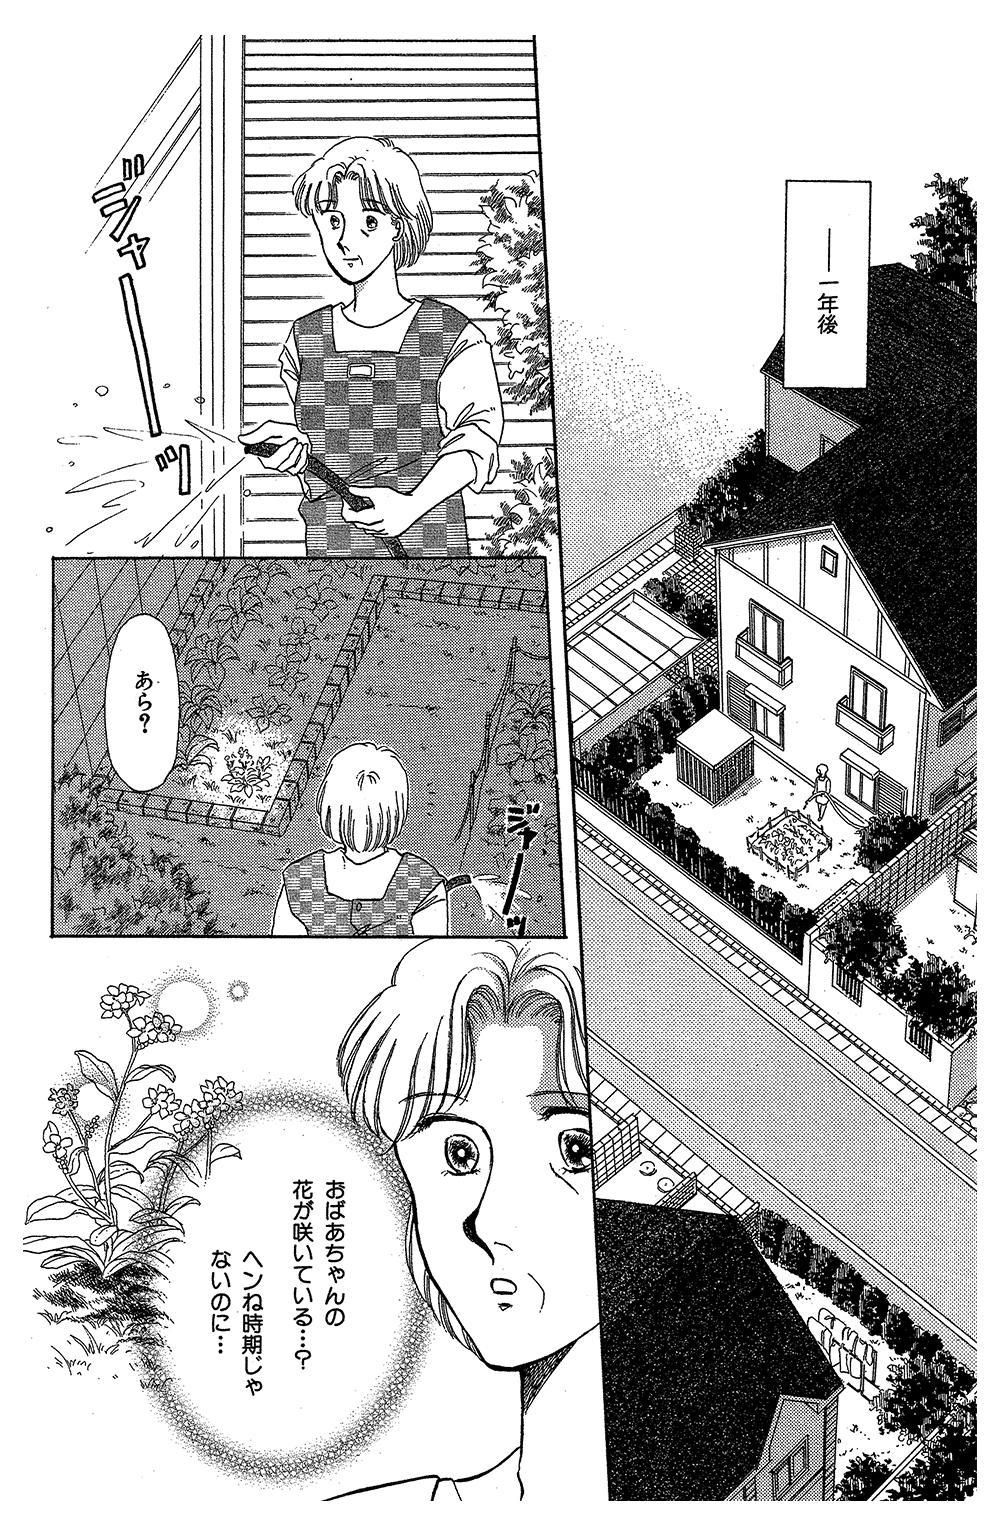 霊感ママシリーズ 第1話「花の陰影」①reikan06.jpg